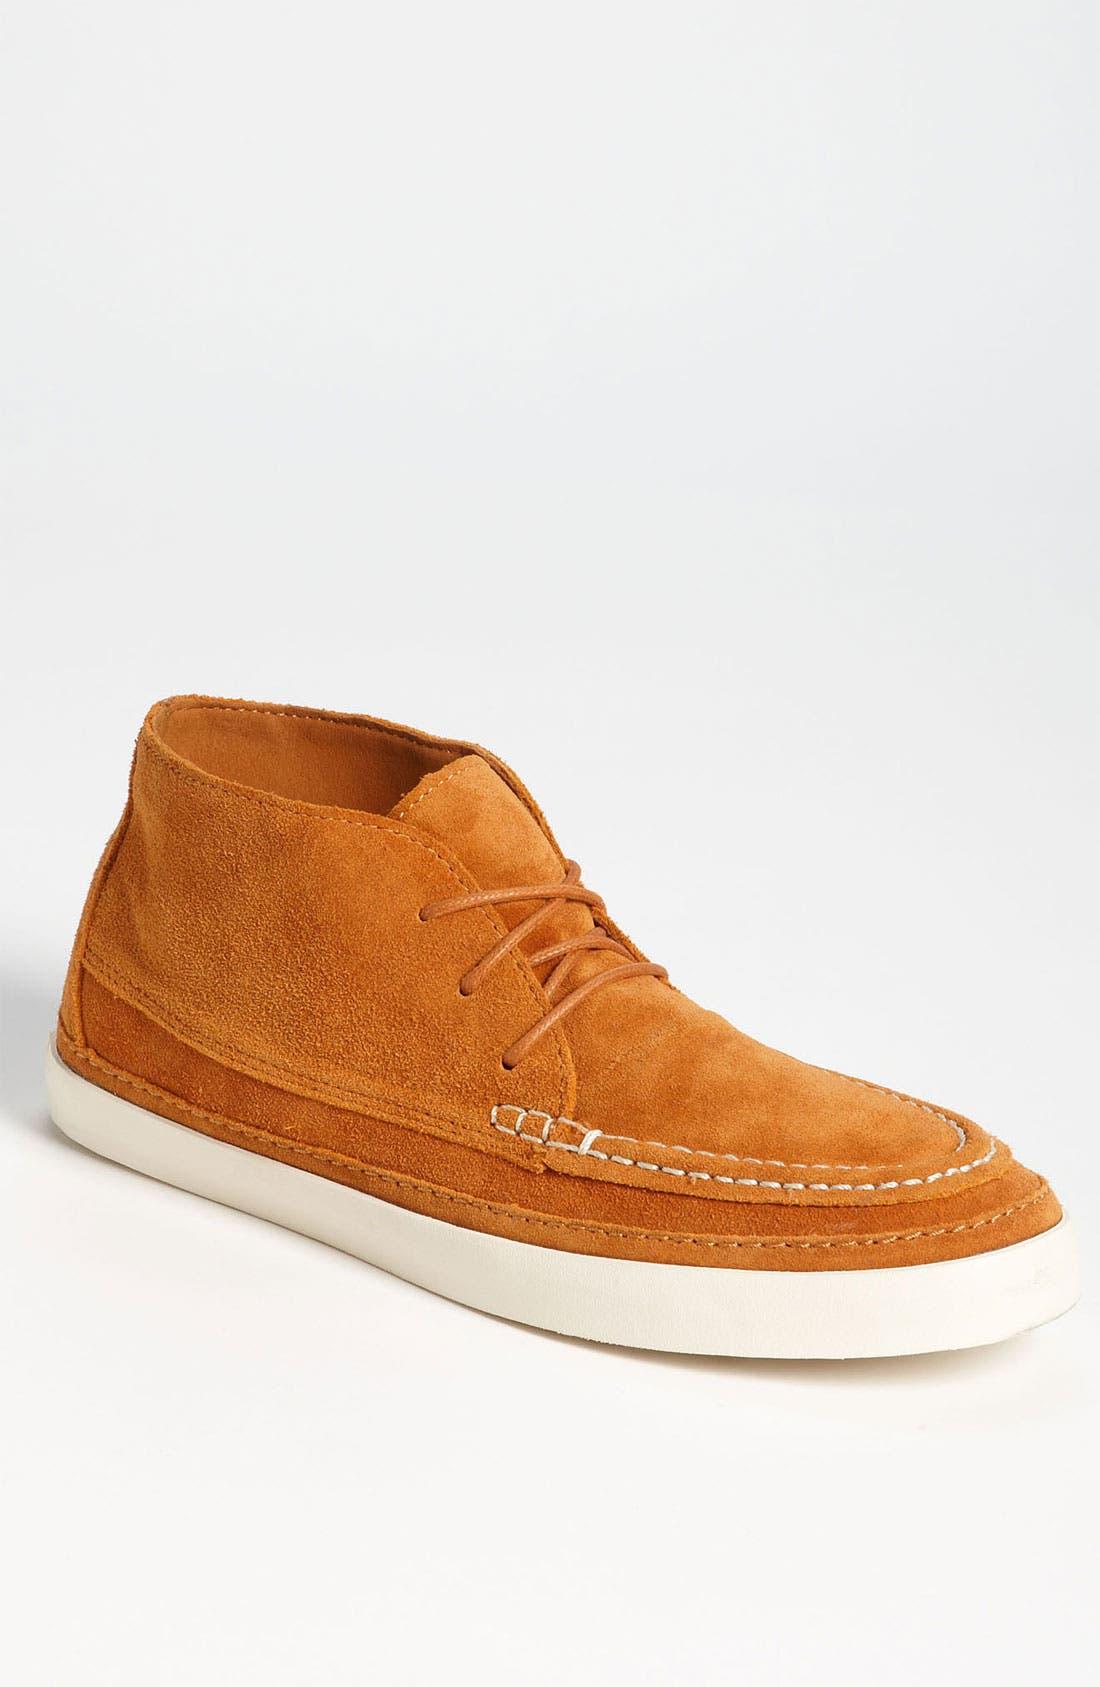 Alternate Image 1 Selected - Vans 'Cali - Mesa' Sneaker (Men)